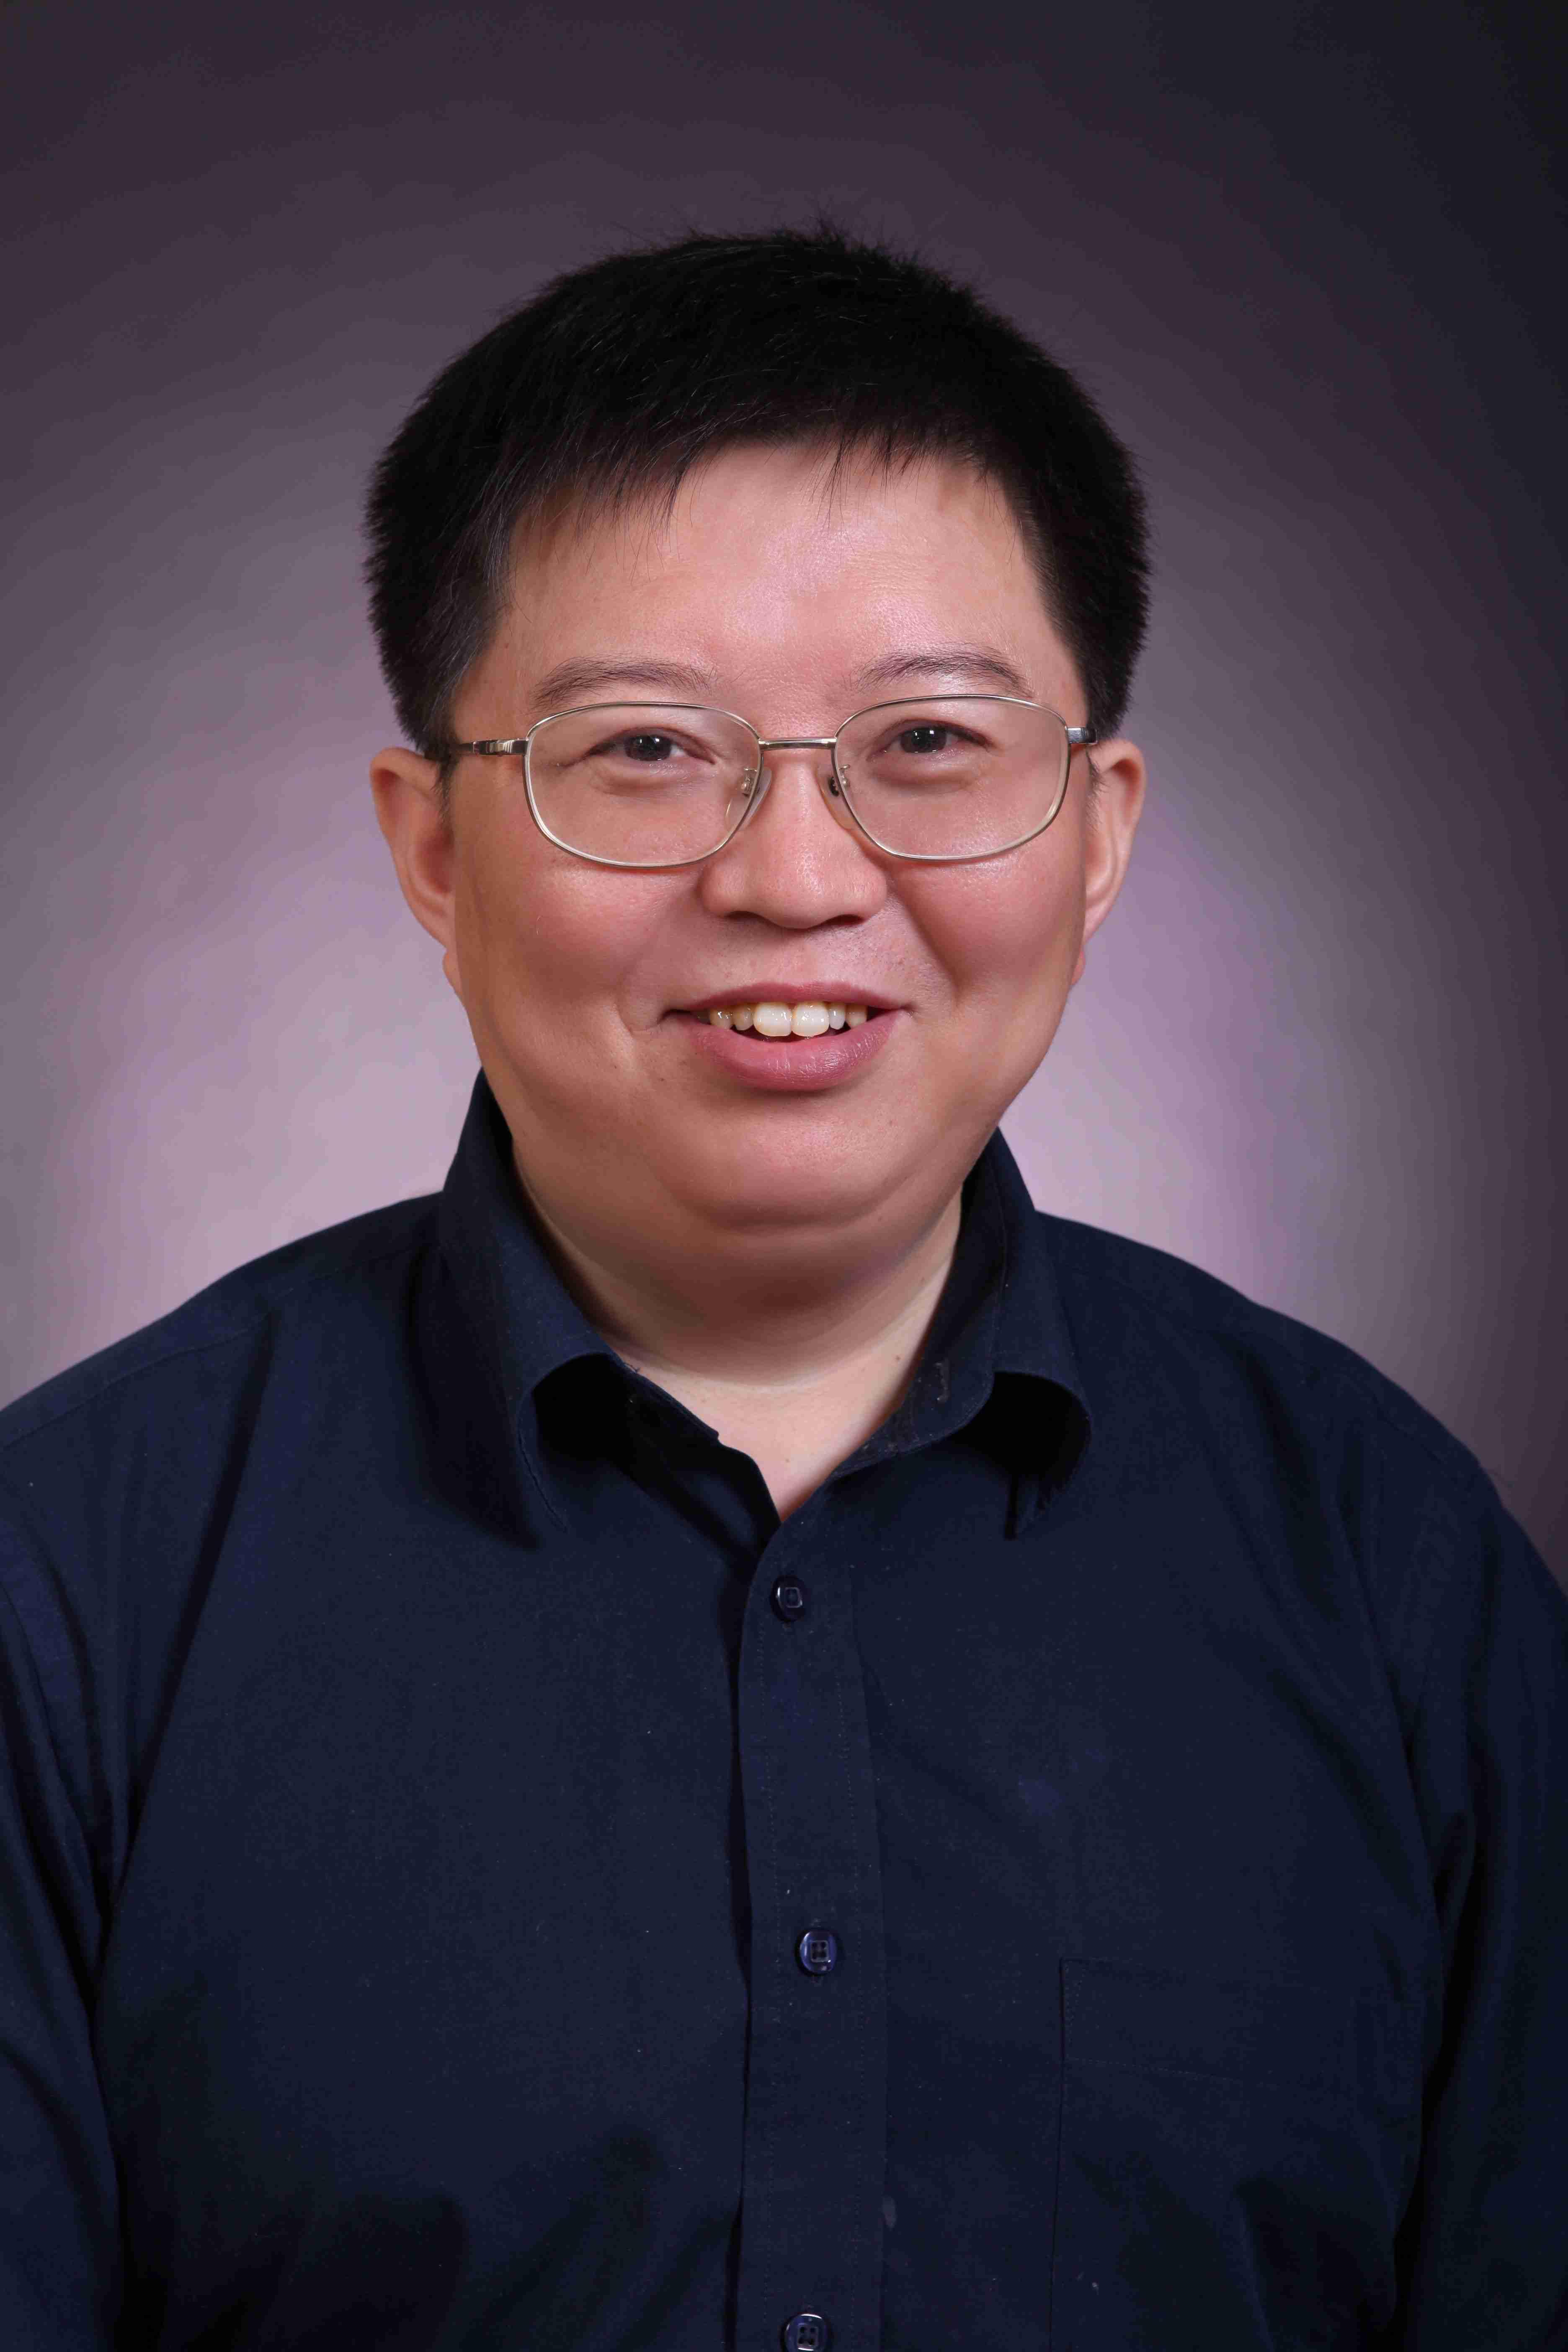 北京大学数学科学学院博士生导师简介:田青春